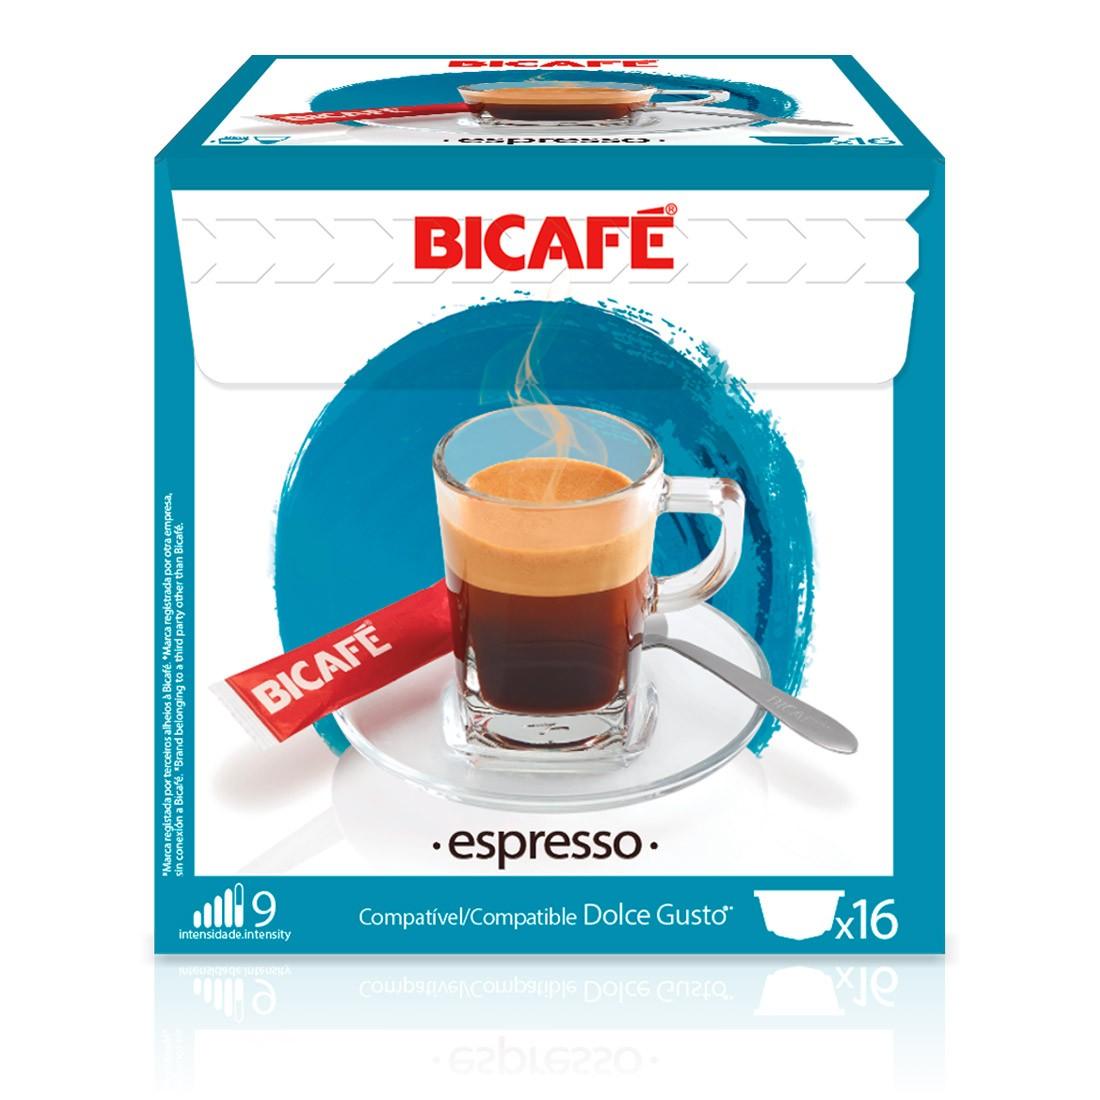 Cápsulas Compatível Dolce Gusto Espresso Bicafé - 16 un